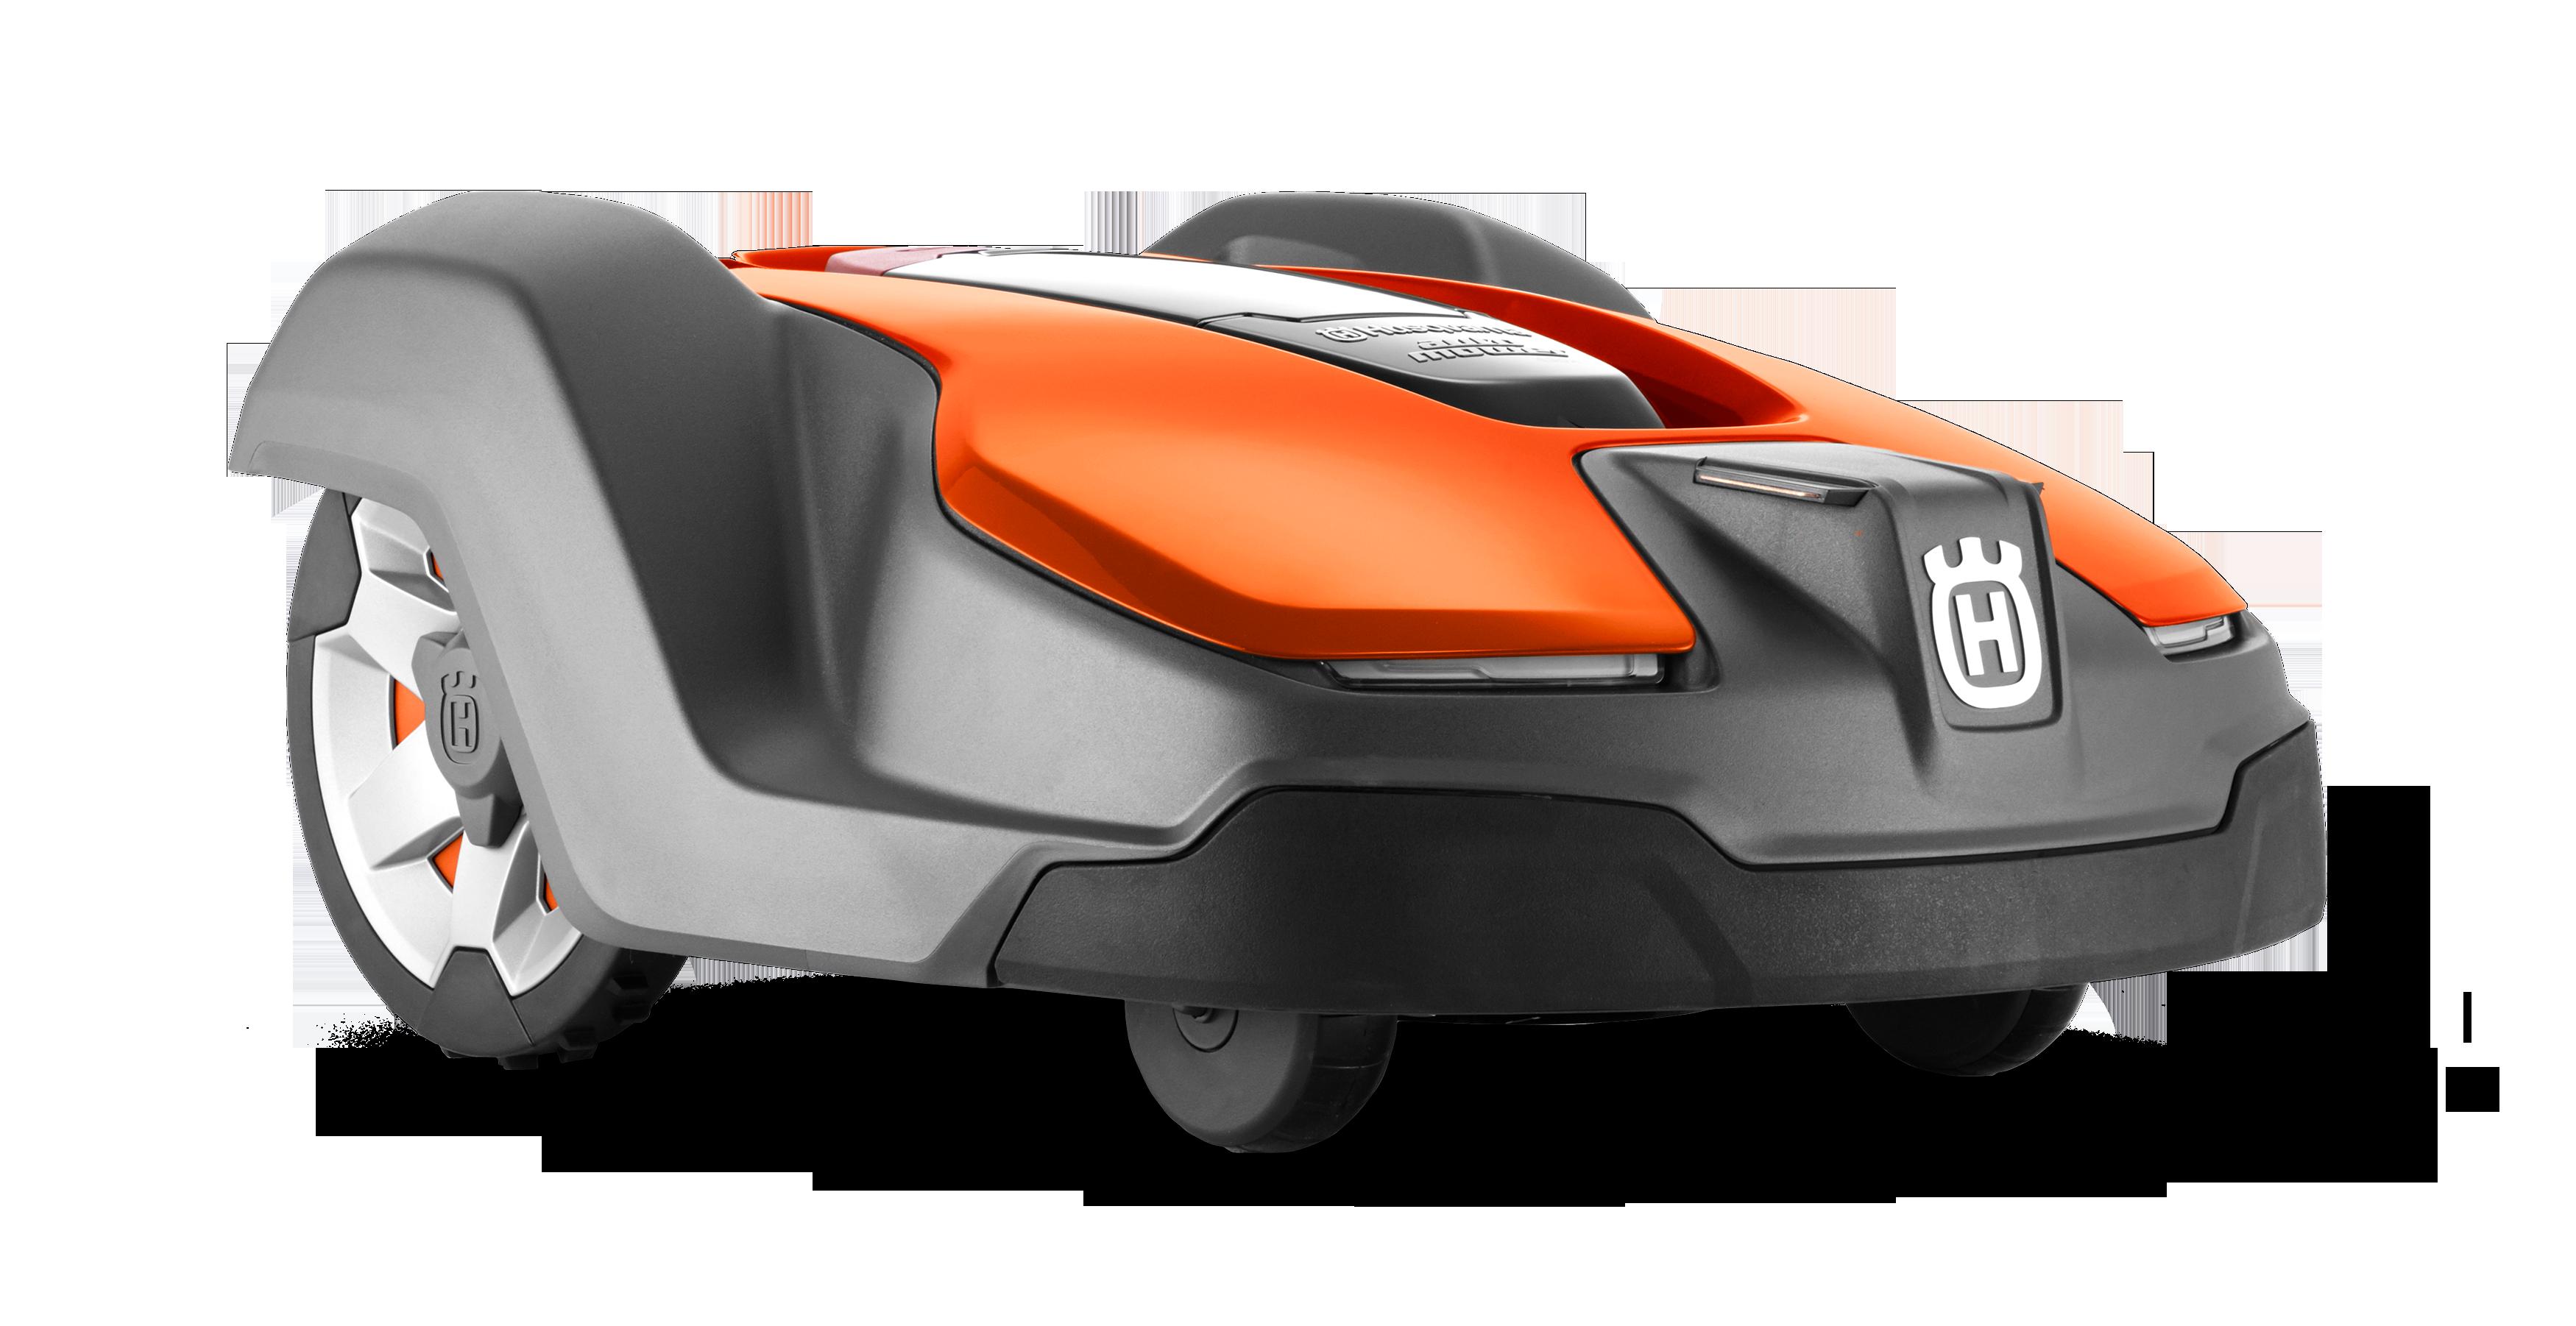 Zāles pļāvējs robots Melns ar Ornažu augšas daļu, Husqvarna zāles pļāvējs robots – Automower 430X modelis, skats no priekšas